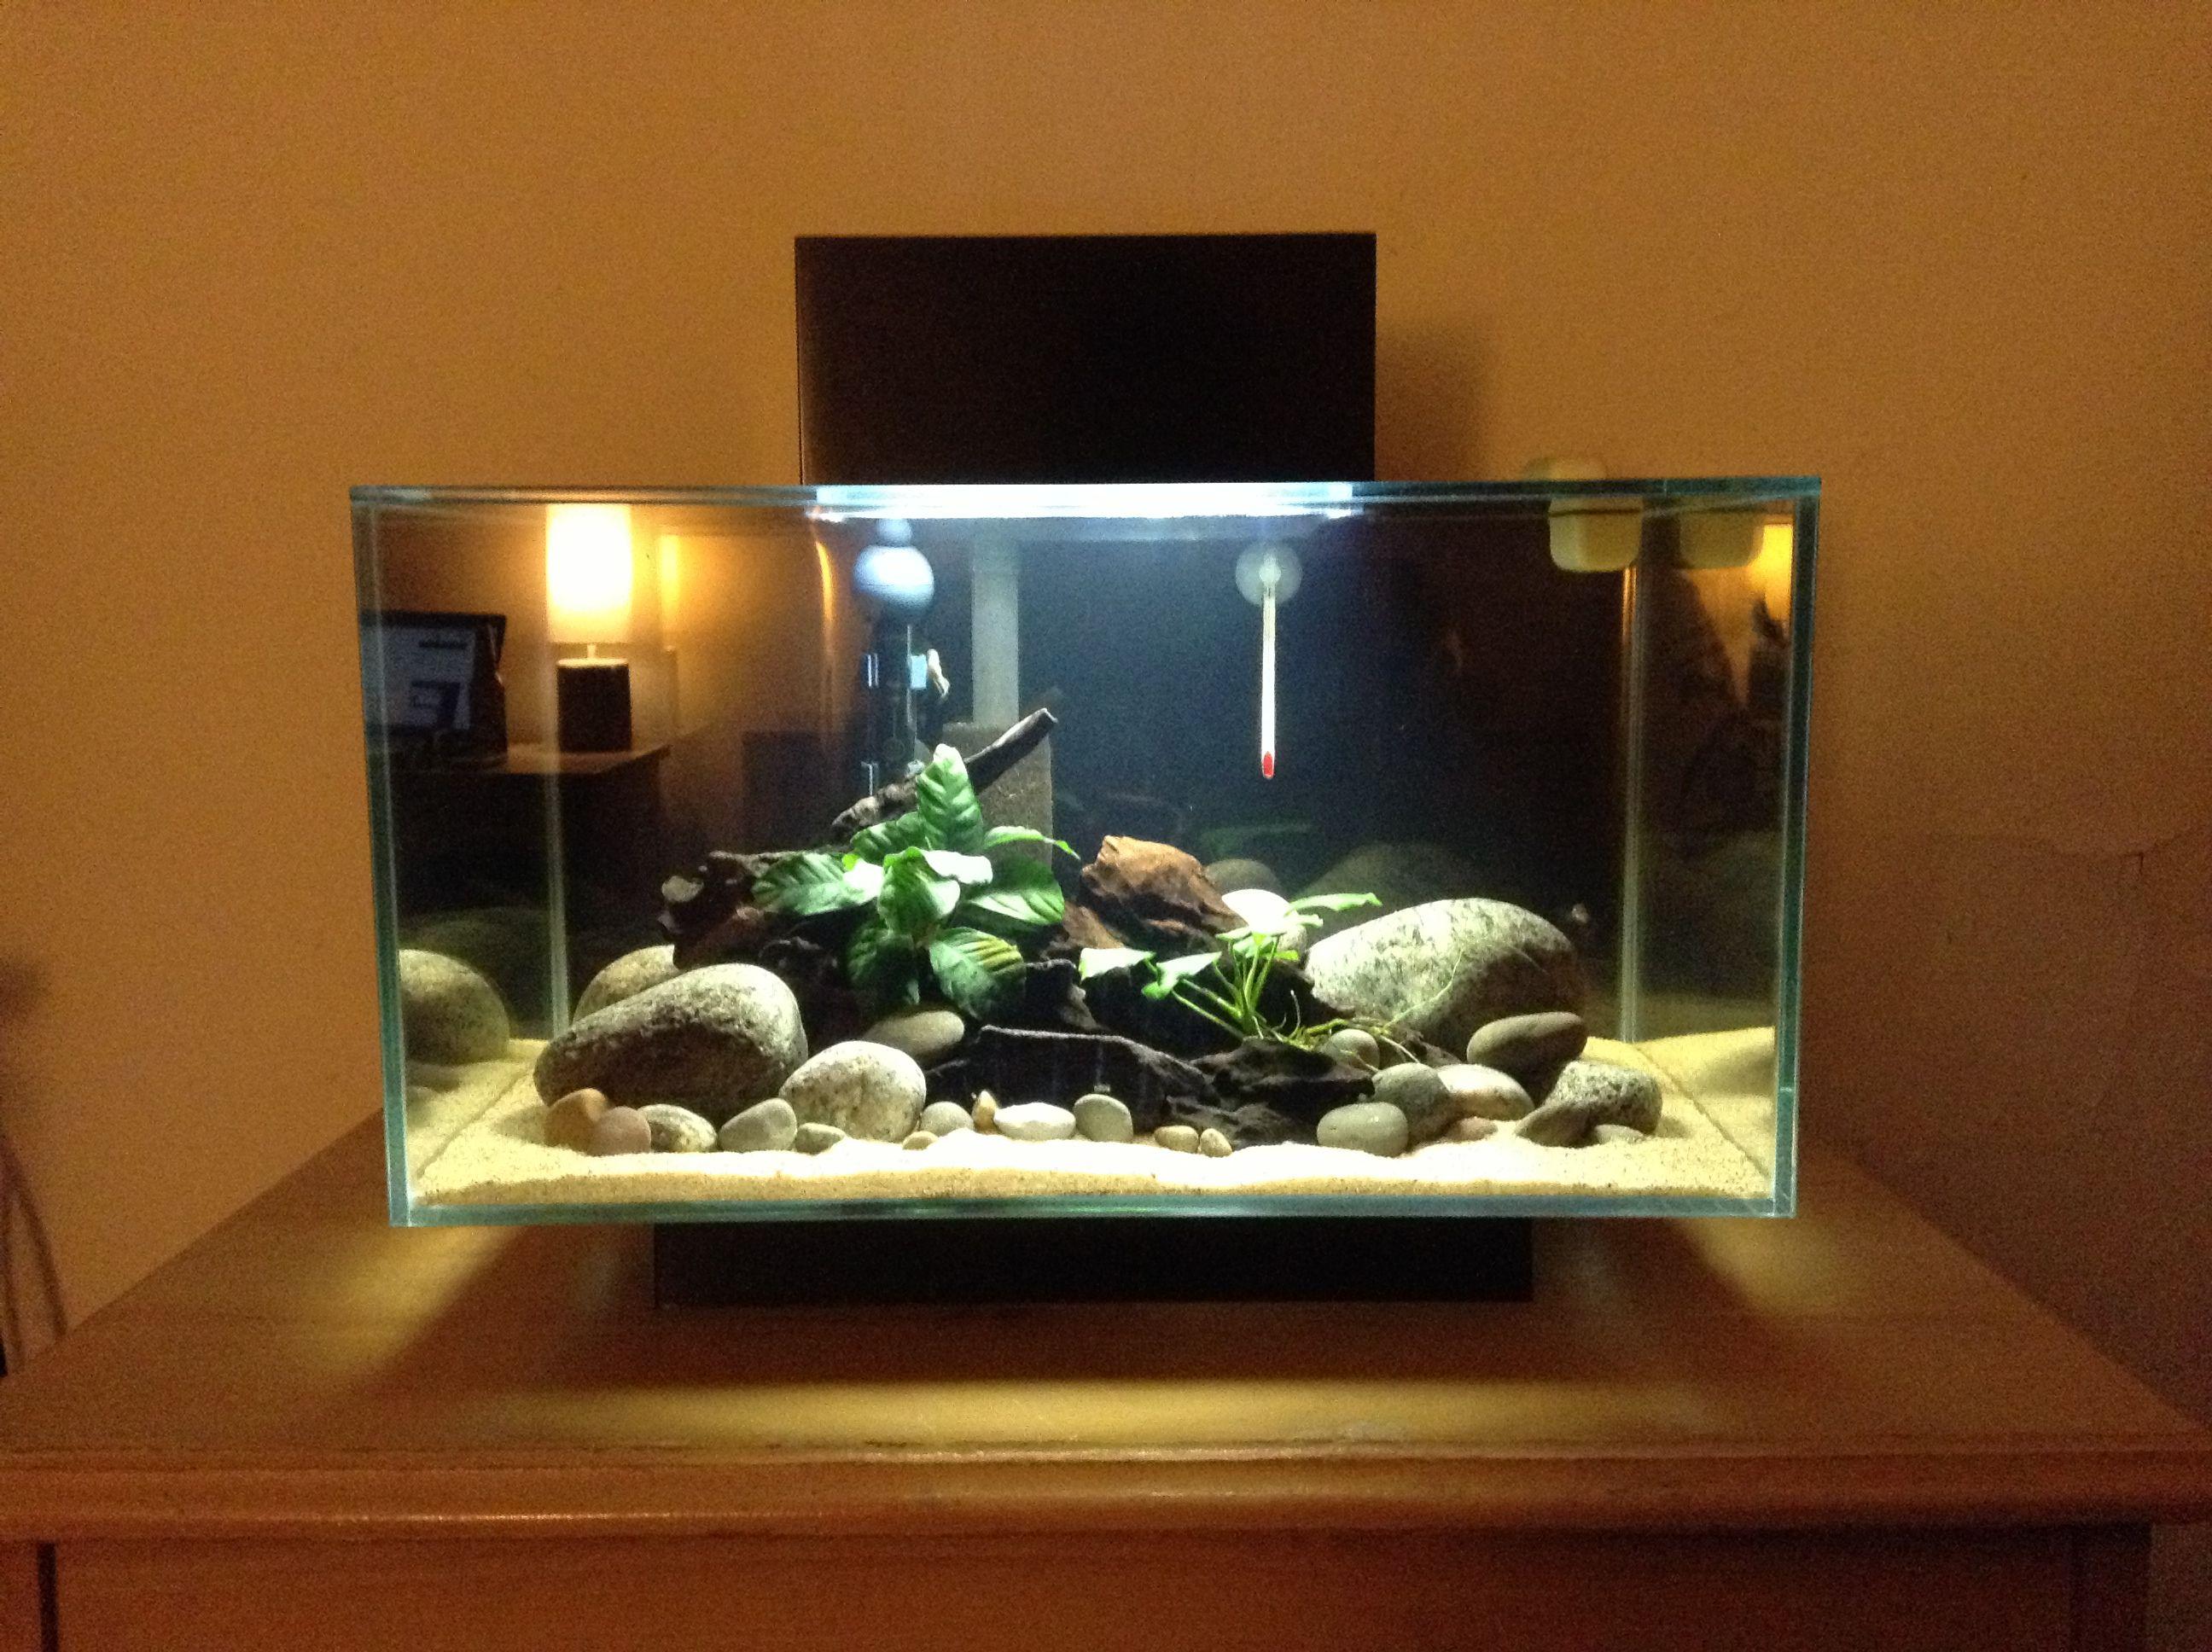 56f589e3ea729a0ec7854e3a33f6a6a6 Incroyable De Aquarium Deco Des Idées